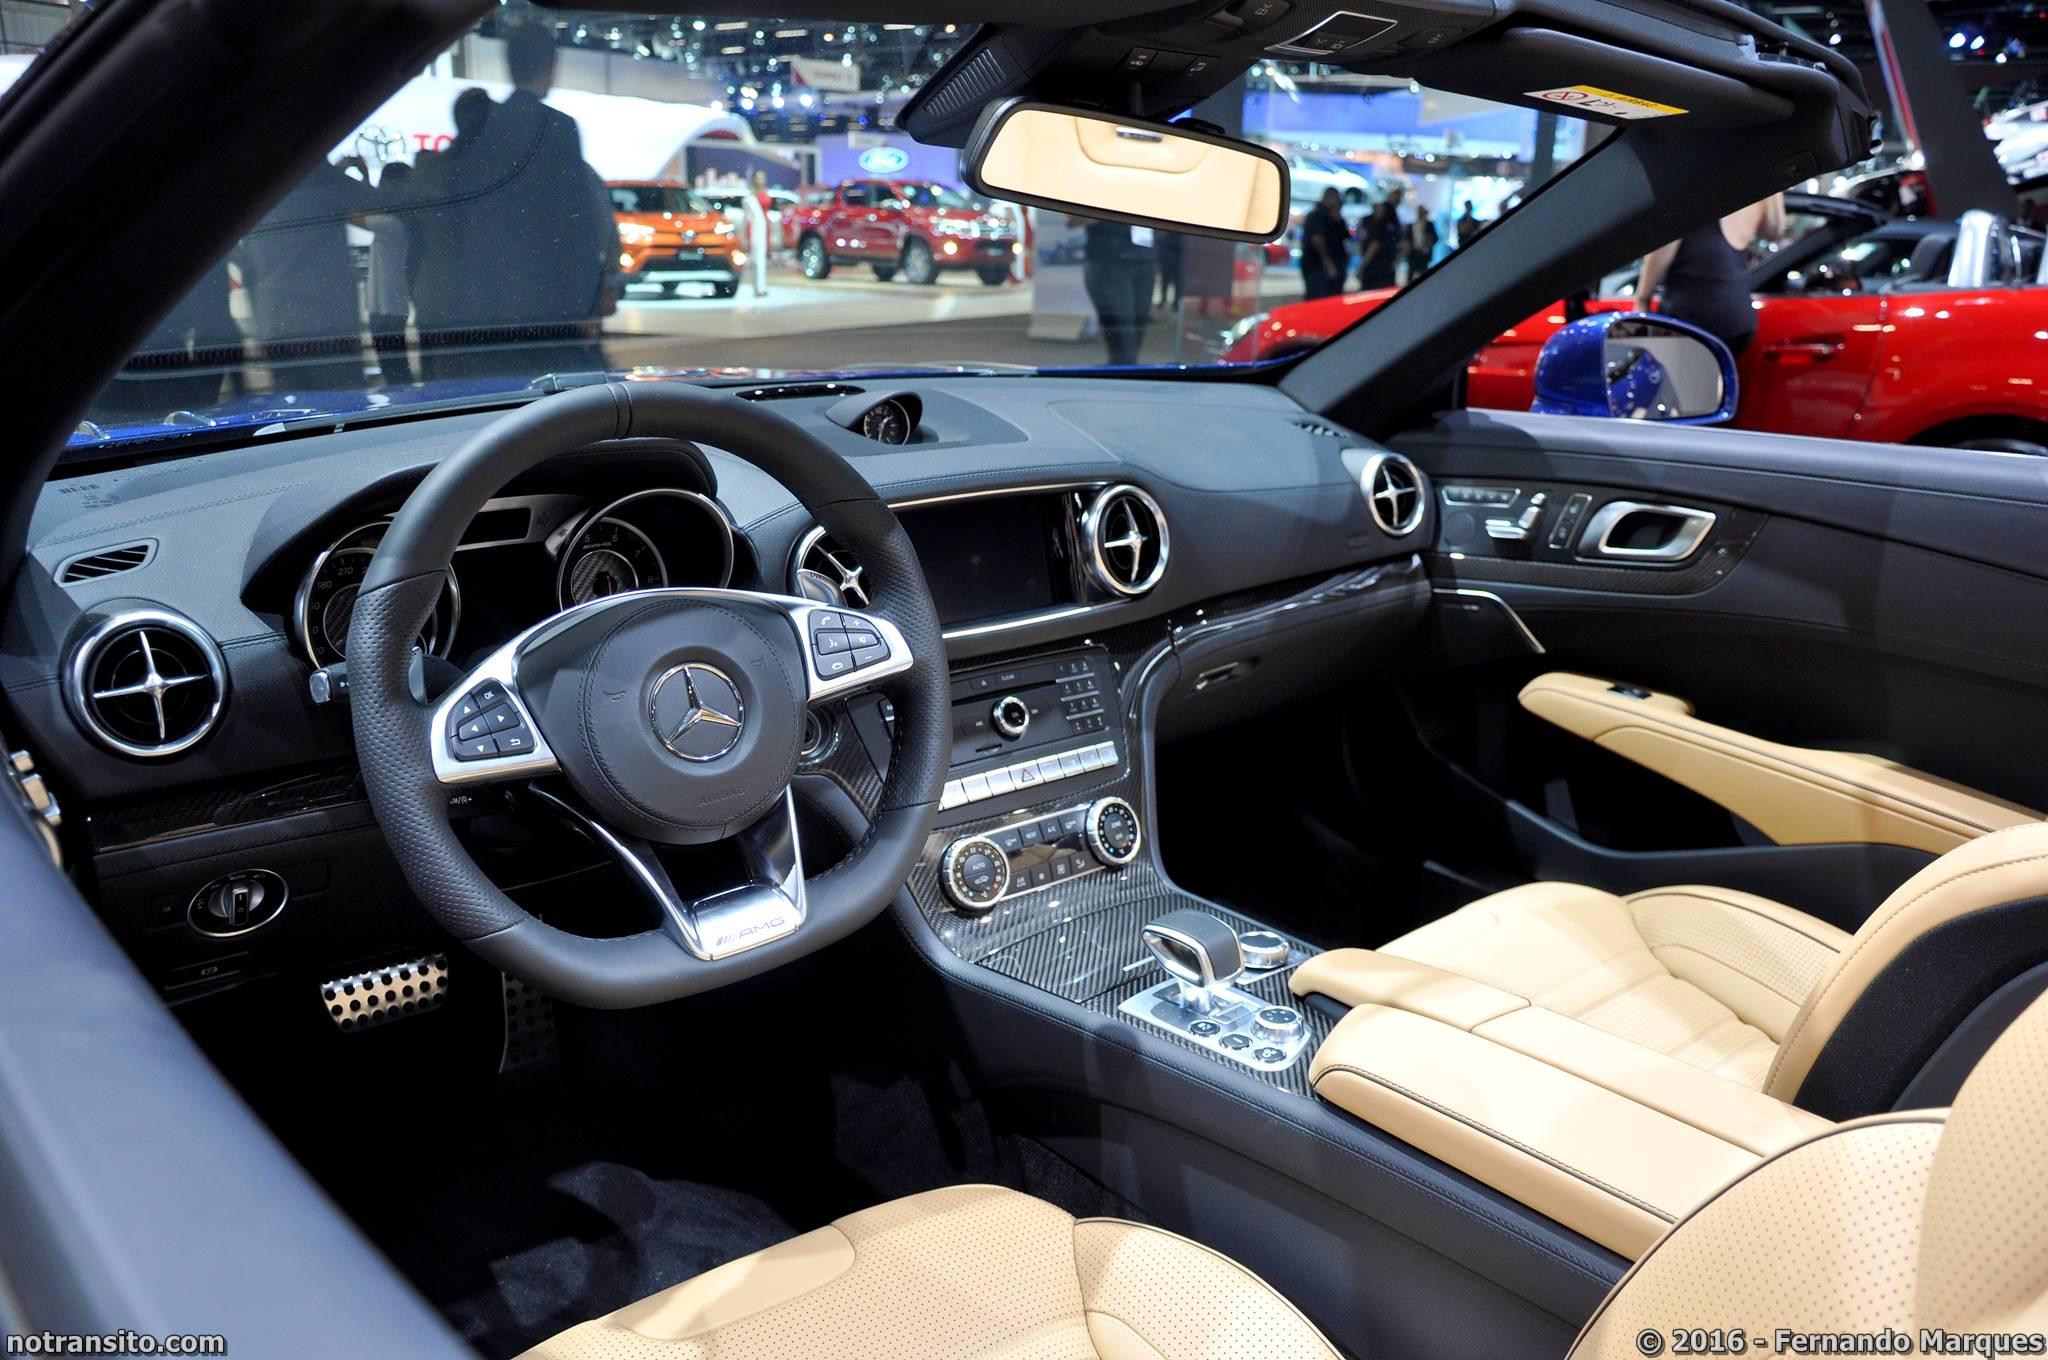 Mercedes-AMG SL 63 Salão do Automóvel 2016